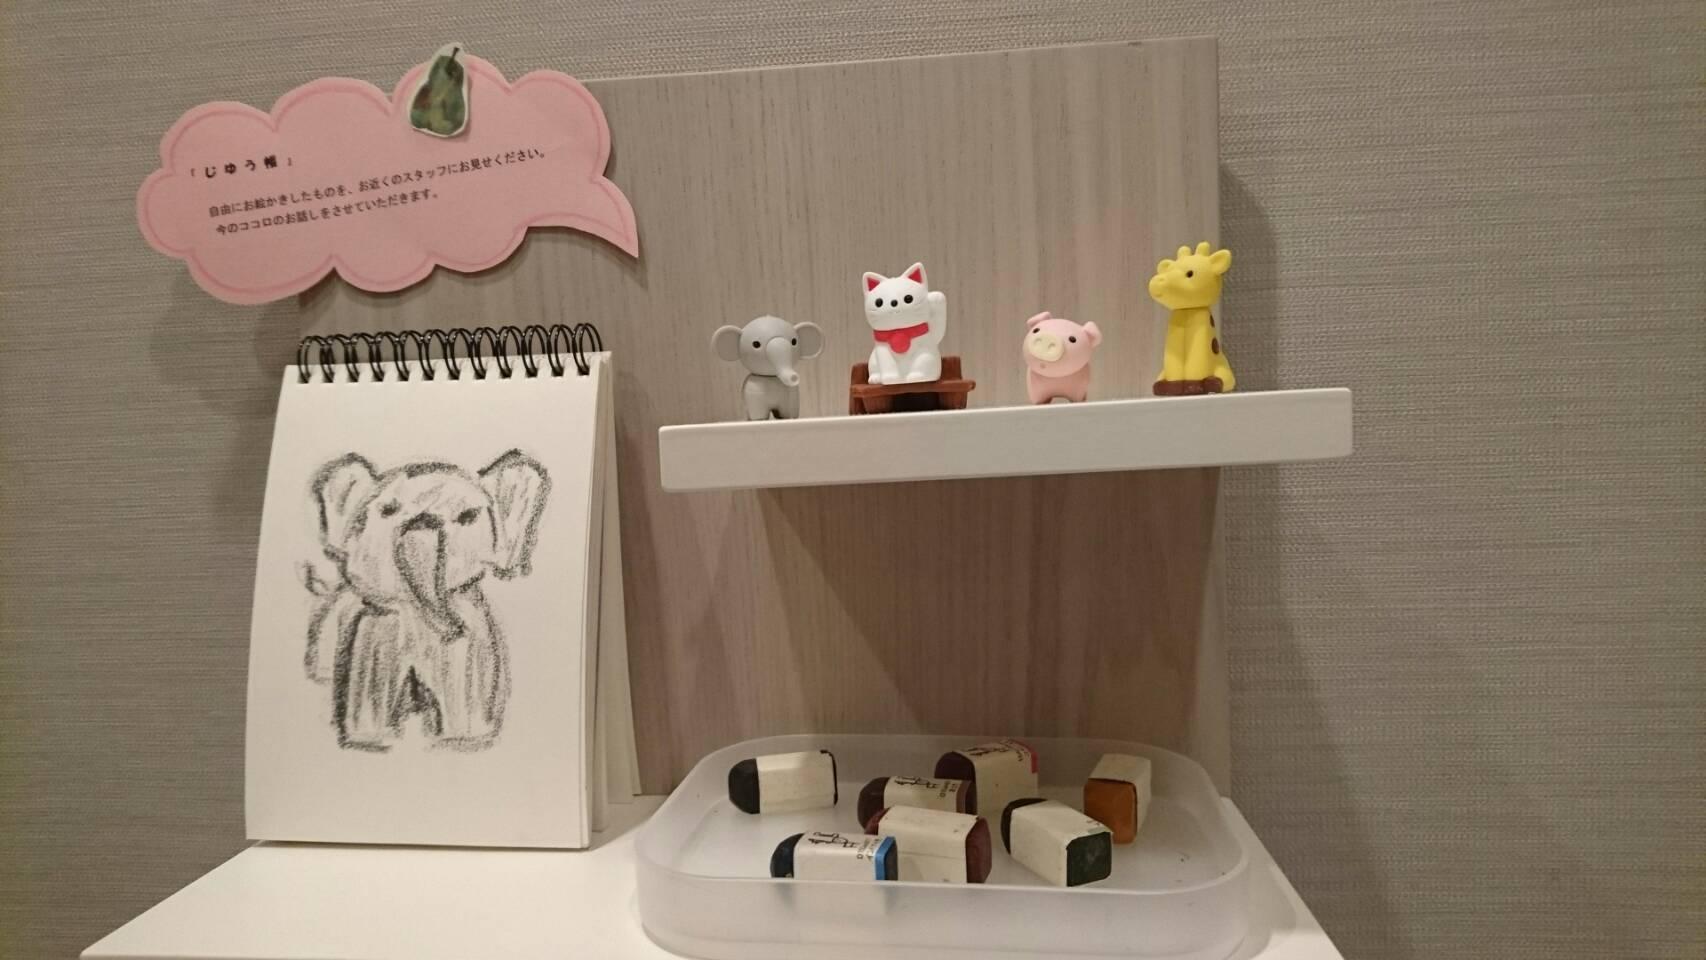 ココロゴトカフェ 充電 電源 渋谷 心理学 心理カウンセラー 箱庭療法 リラックス